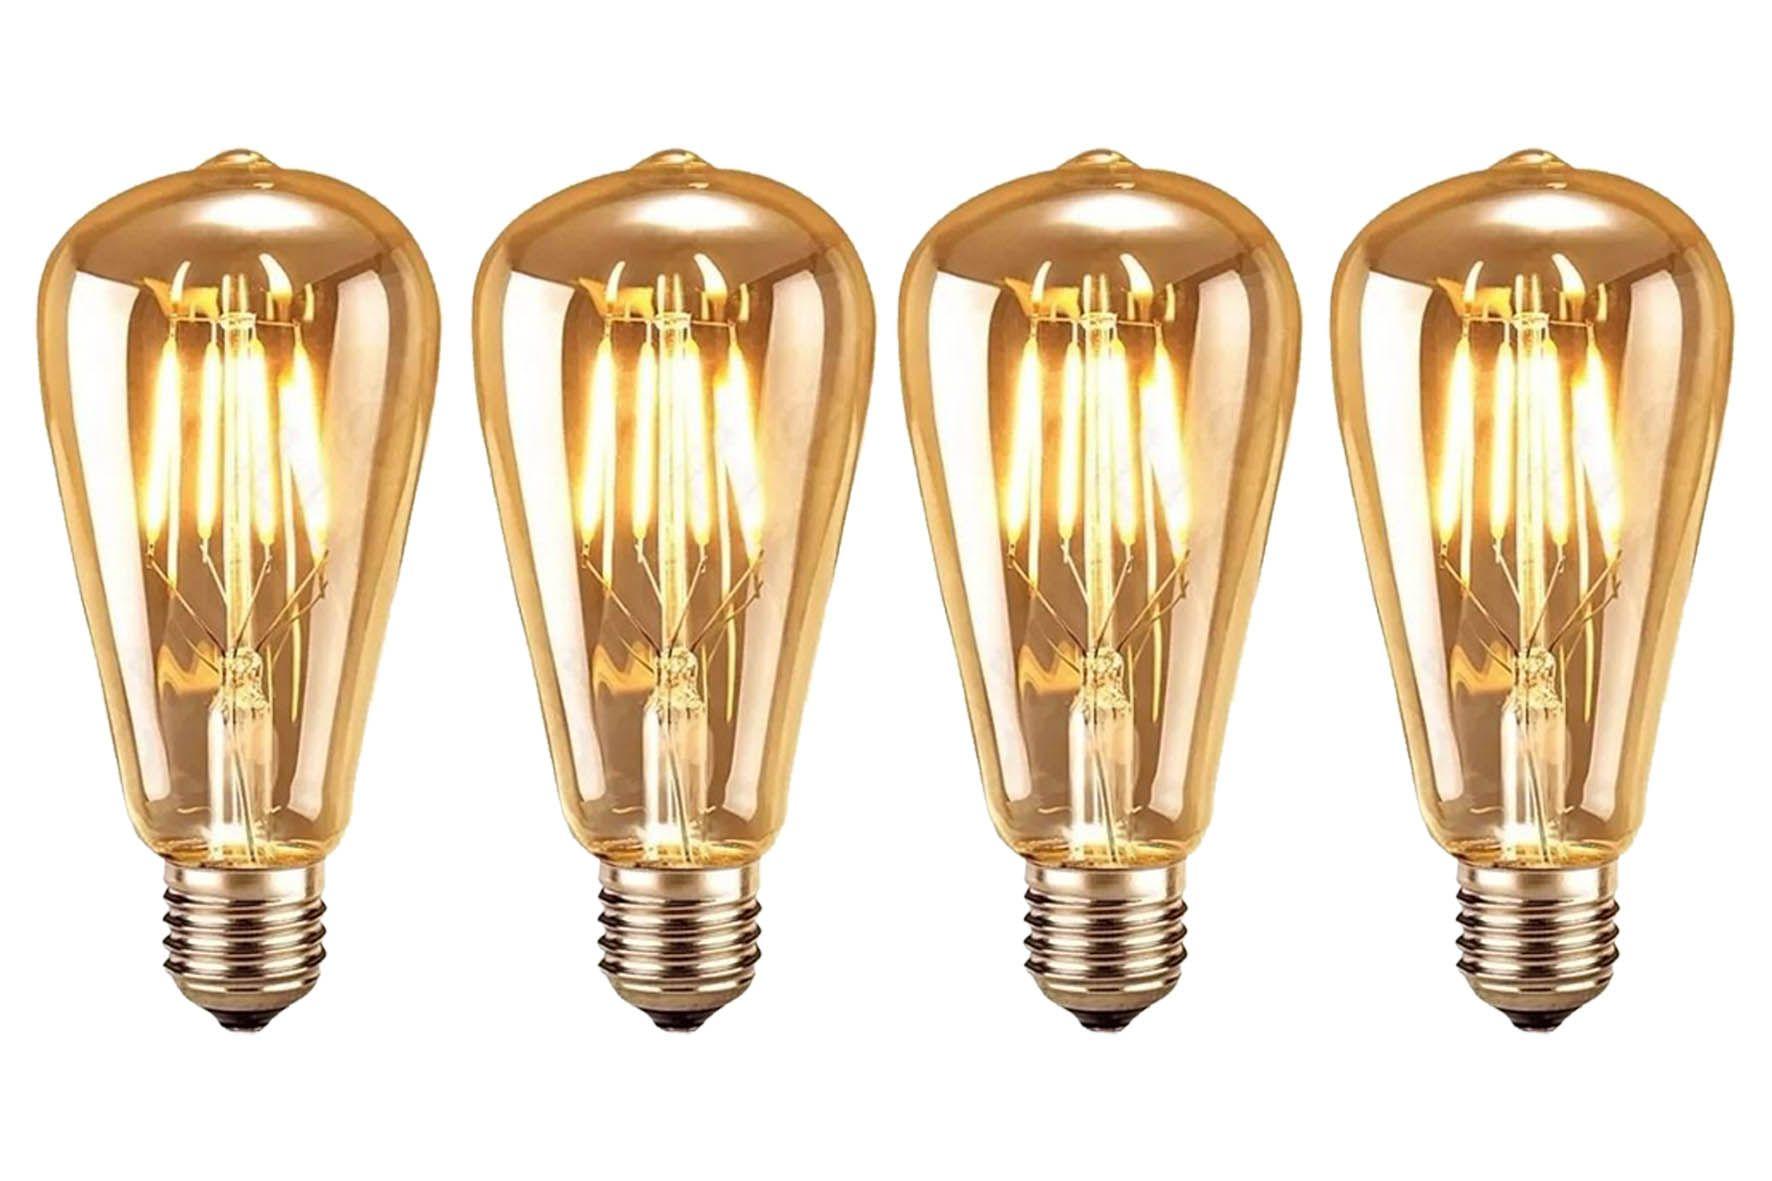 Kit 4 Lâmpadas 4w St58/e27 - Bulbo - Filamento De Carbono